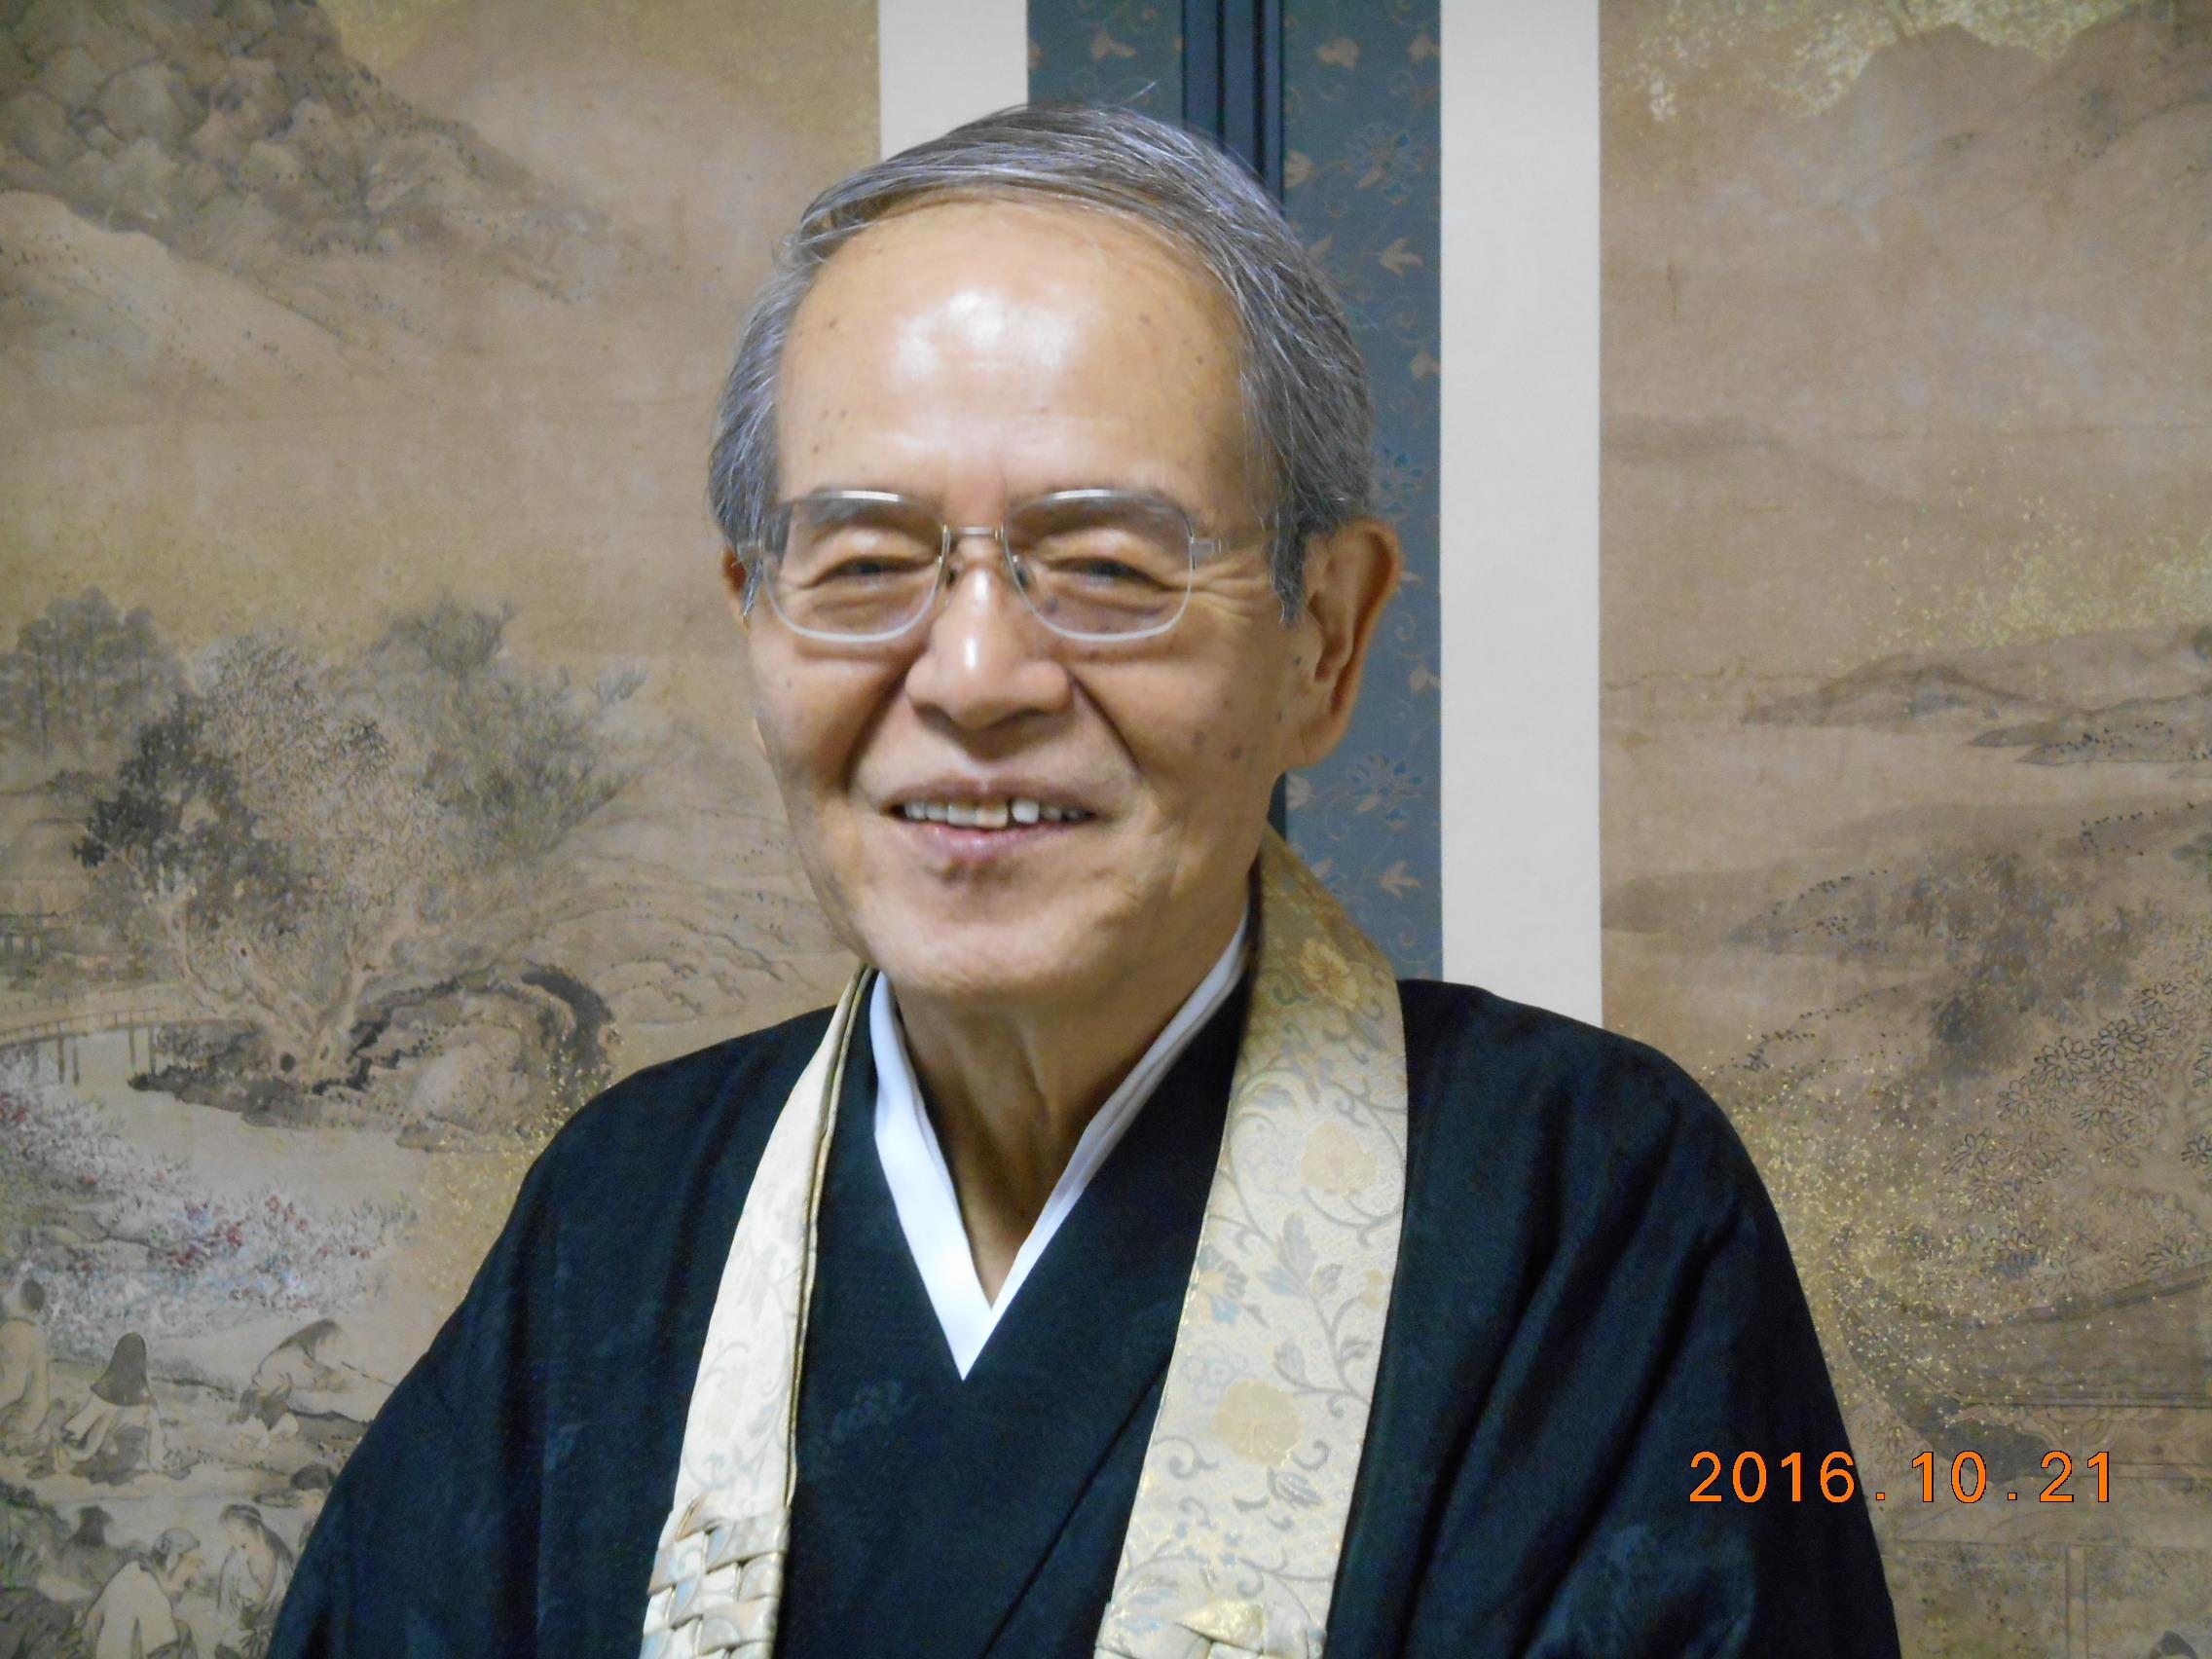 加藤智見先生写真